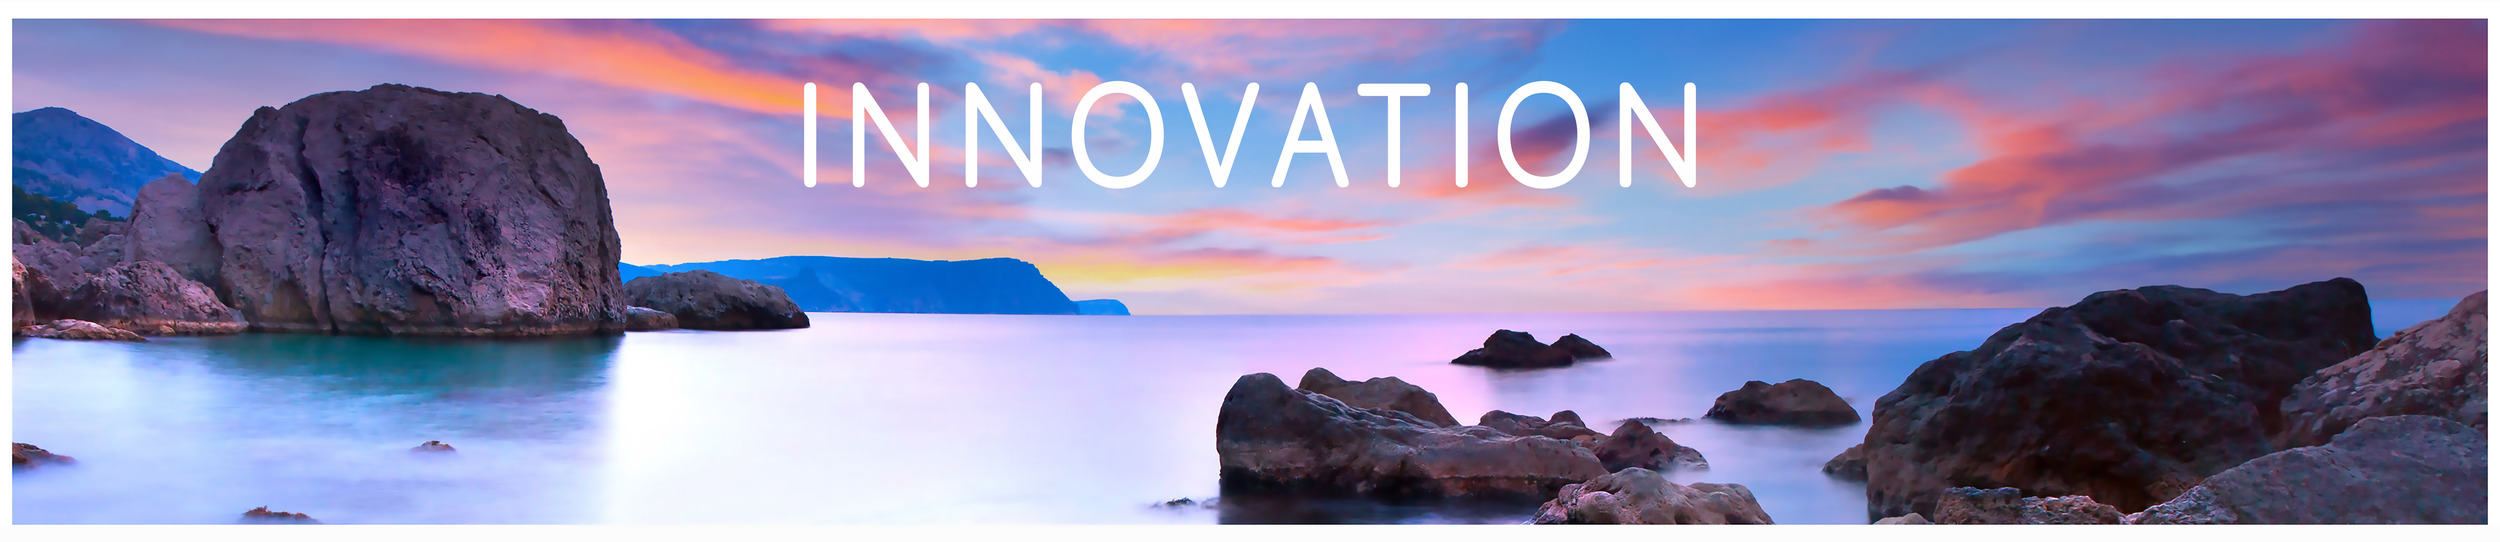 sunset lake - innovation 2.jpg